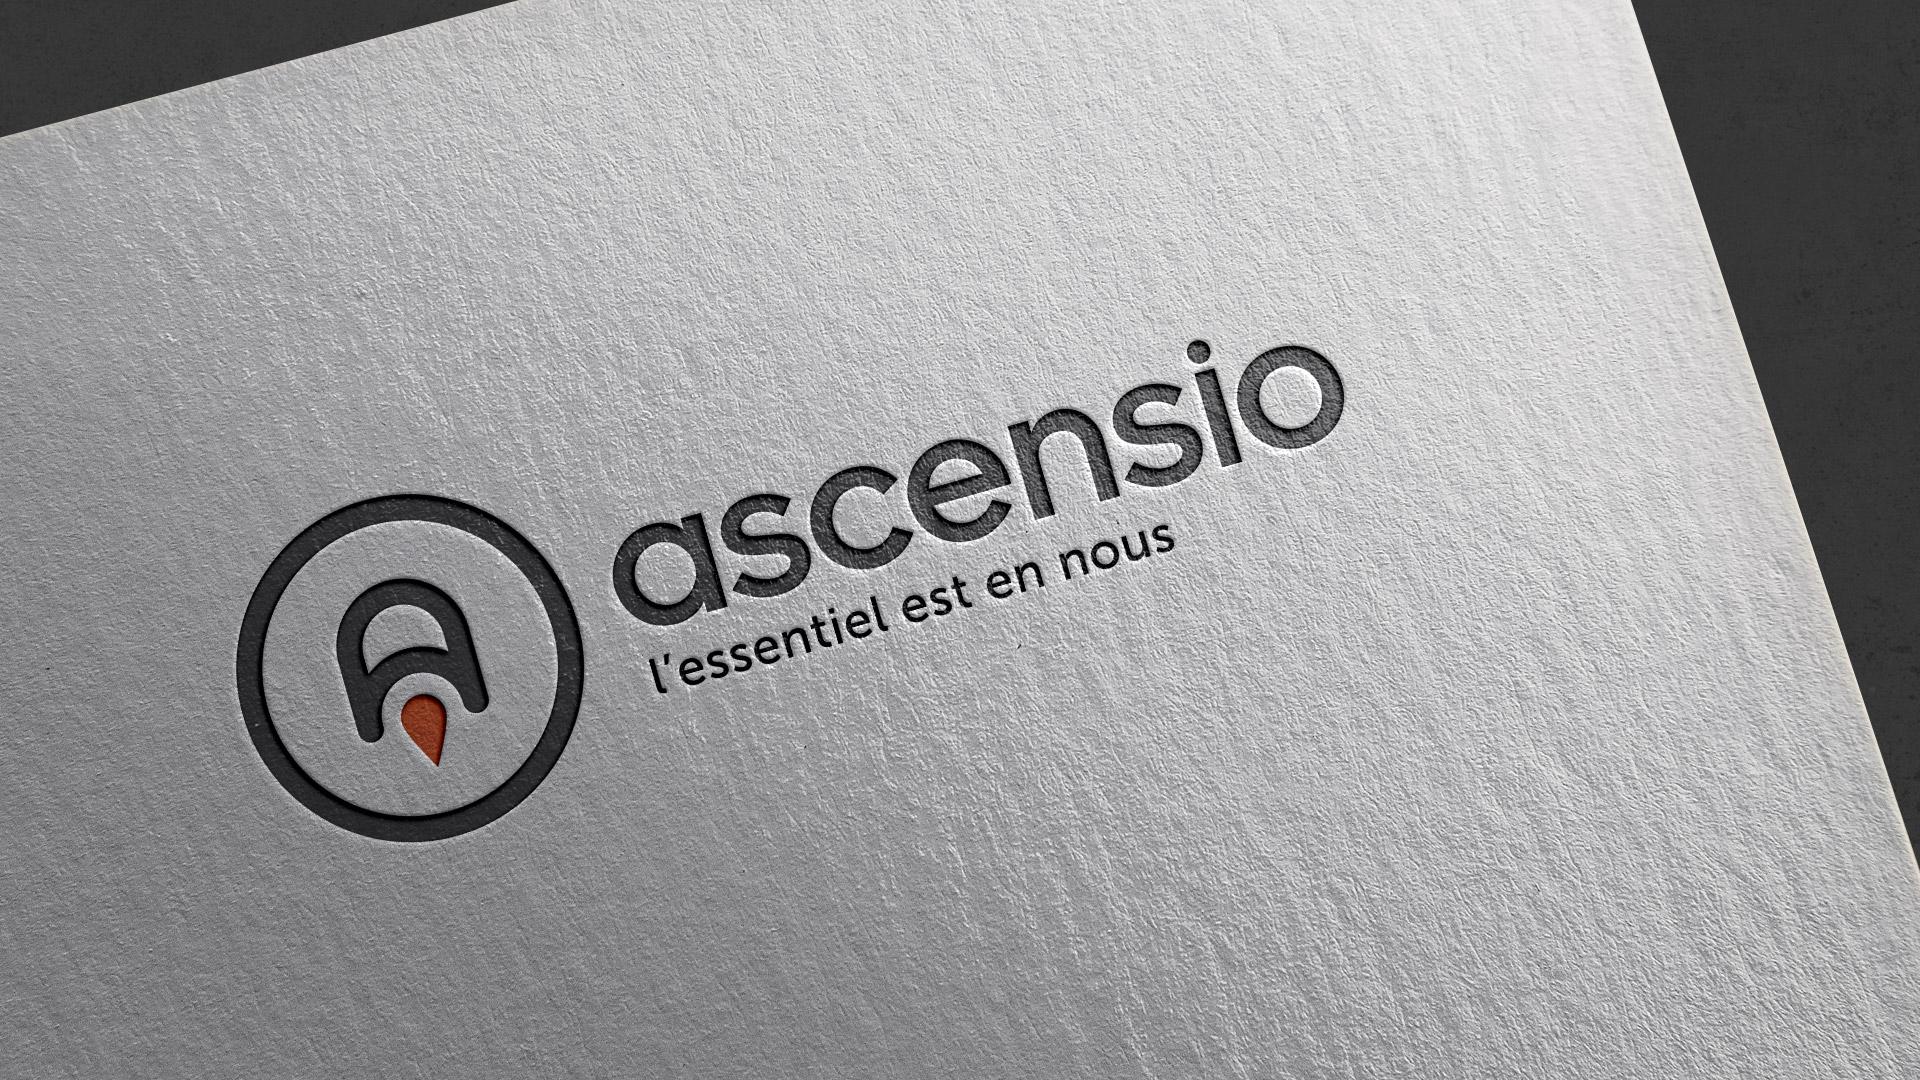 Création logo identité visuelle graphiste montpellier